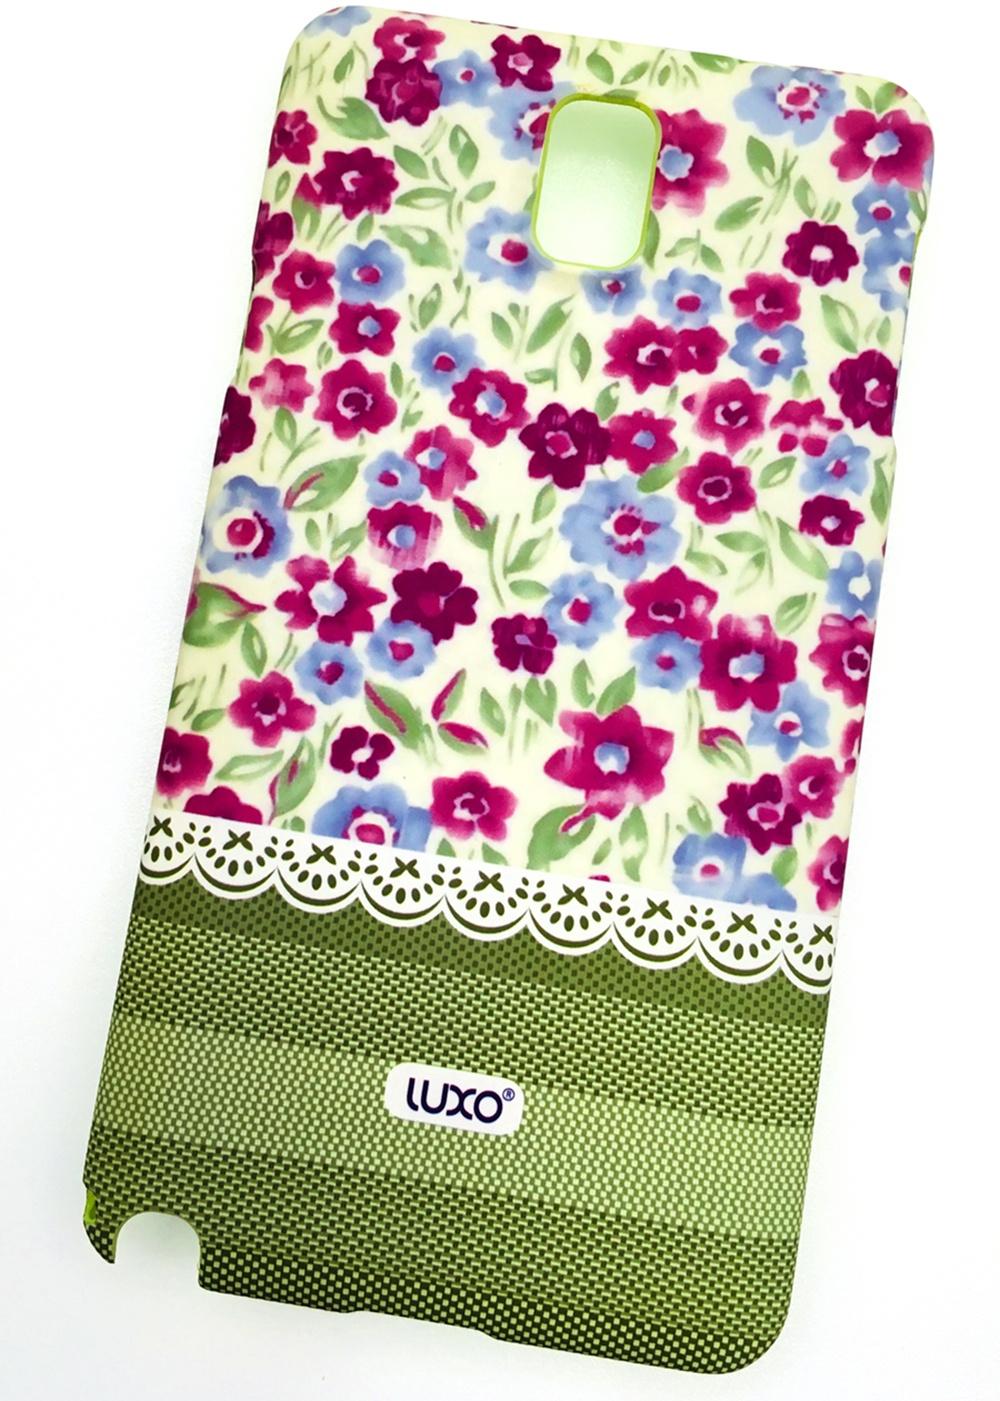 """Чехол для сотового телефона Мобильная мода Samsung Galaxy Note 3 Накладка пластиковая, нескользящее покрытие, """"LUXO"""", розовый"""